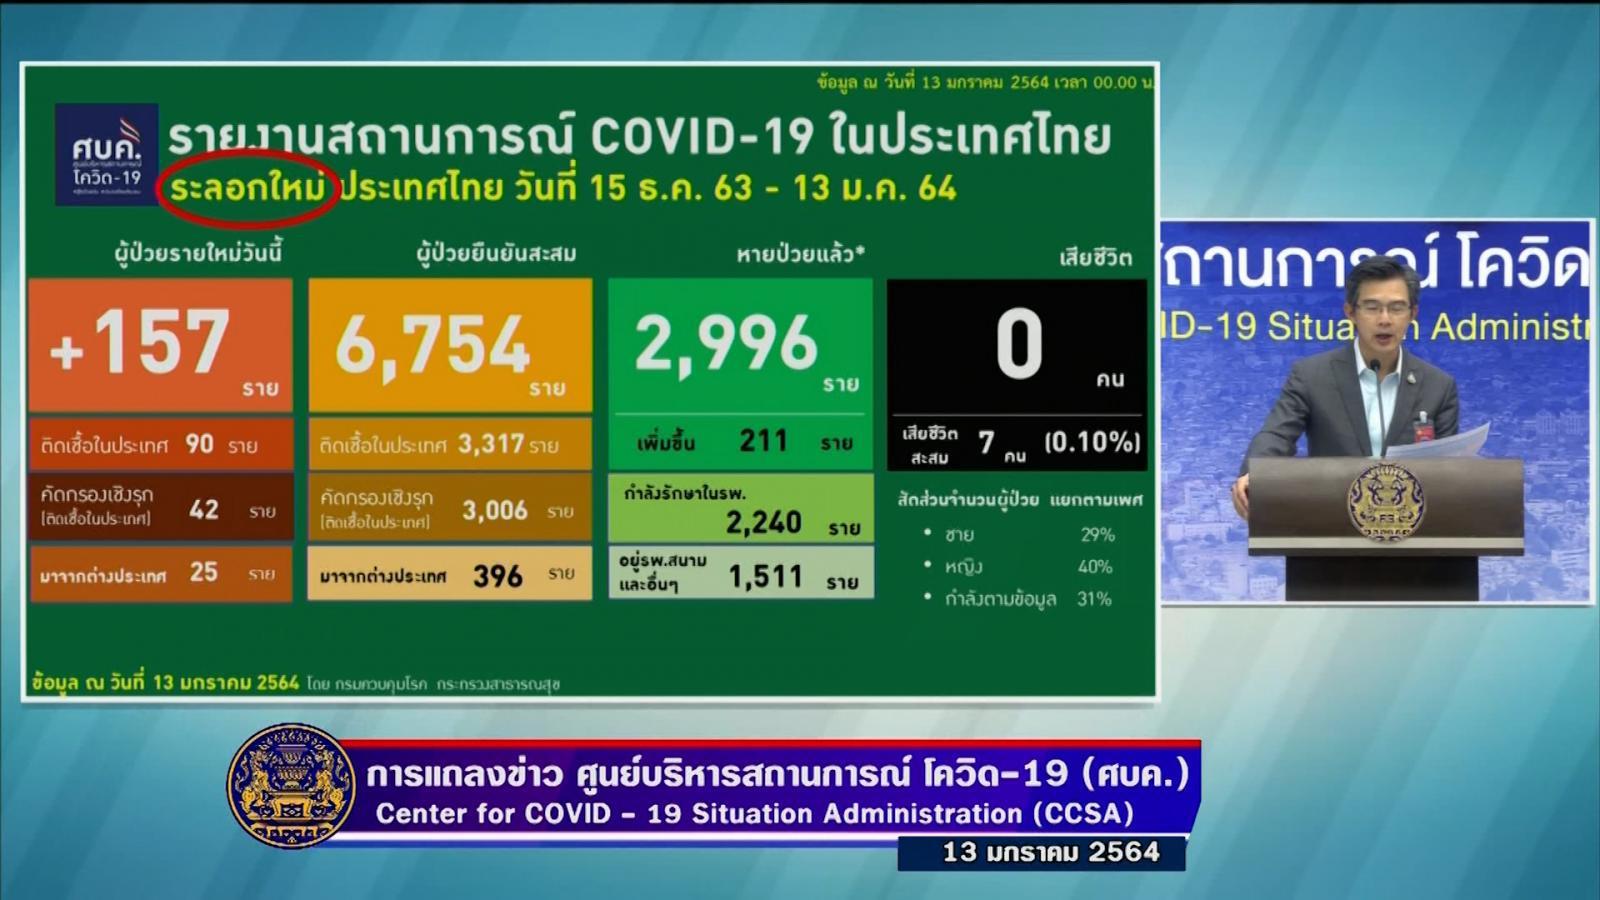 157 ราย ผู้ติดเชื้อโควิด-19 รายใหม่ ในประเทศ 132 ราย